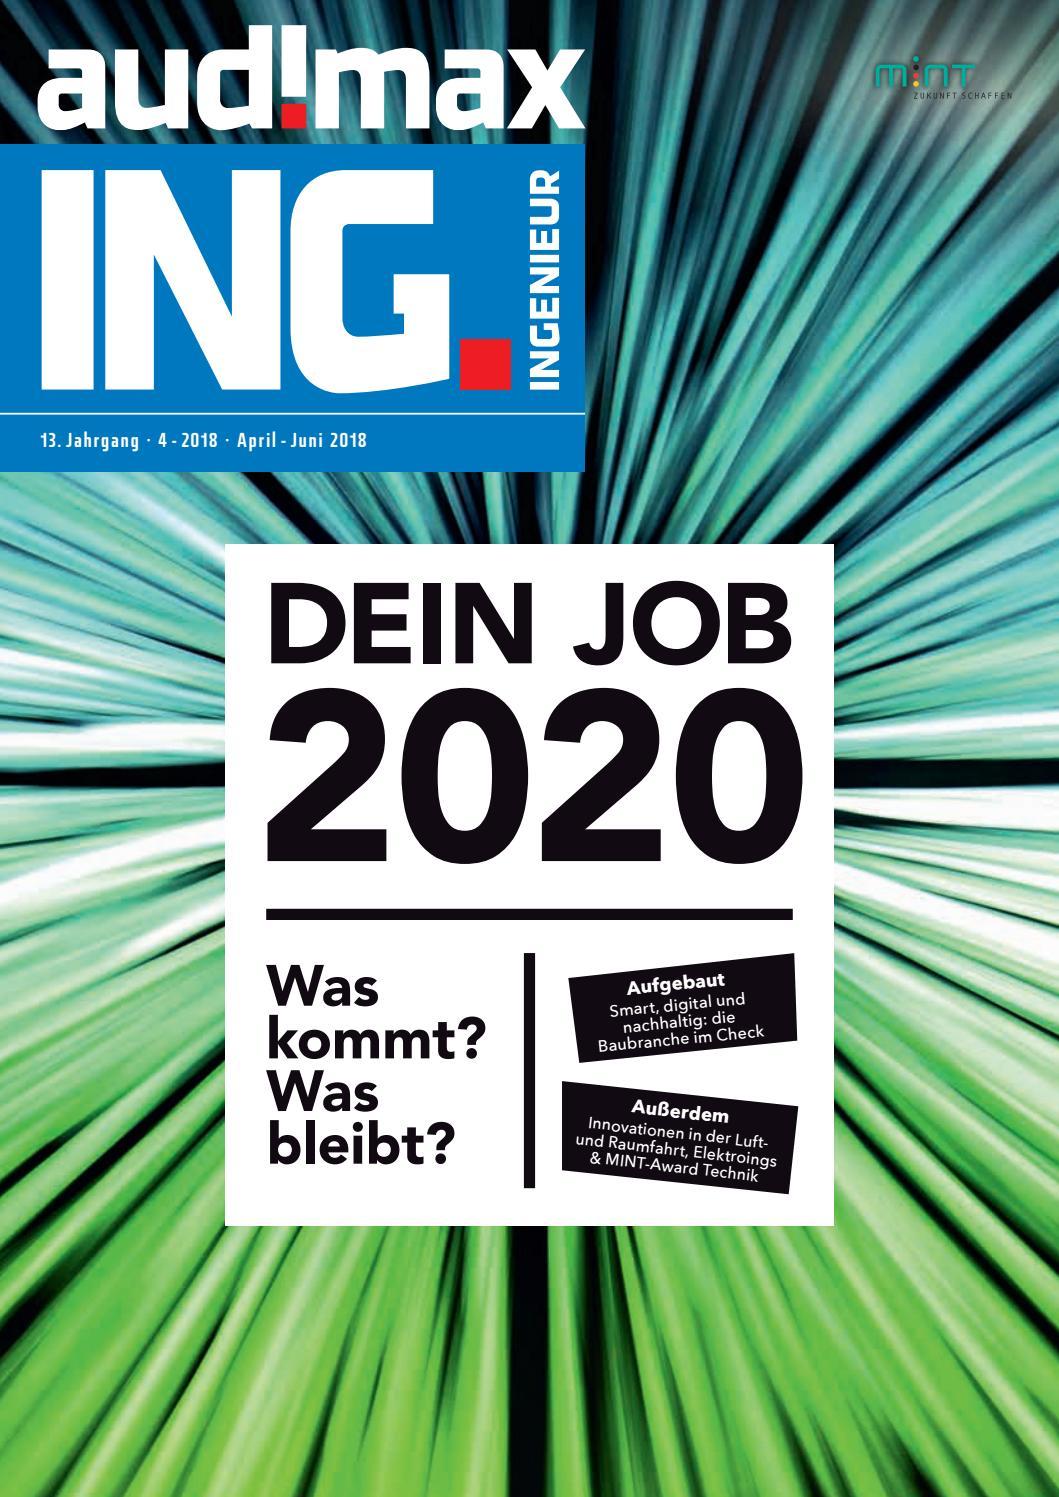 audimax ING. 4/2018 - Karrieremagazin für Ingenieure by audimax MEDIEN -  issuu